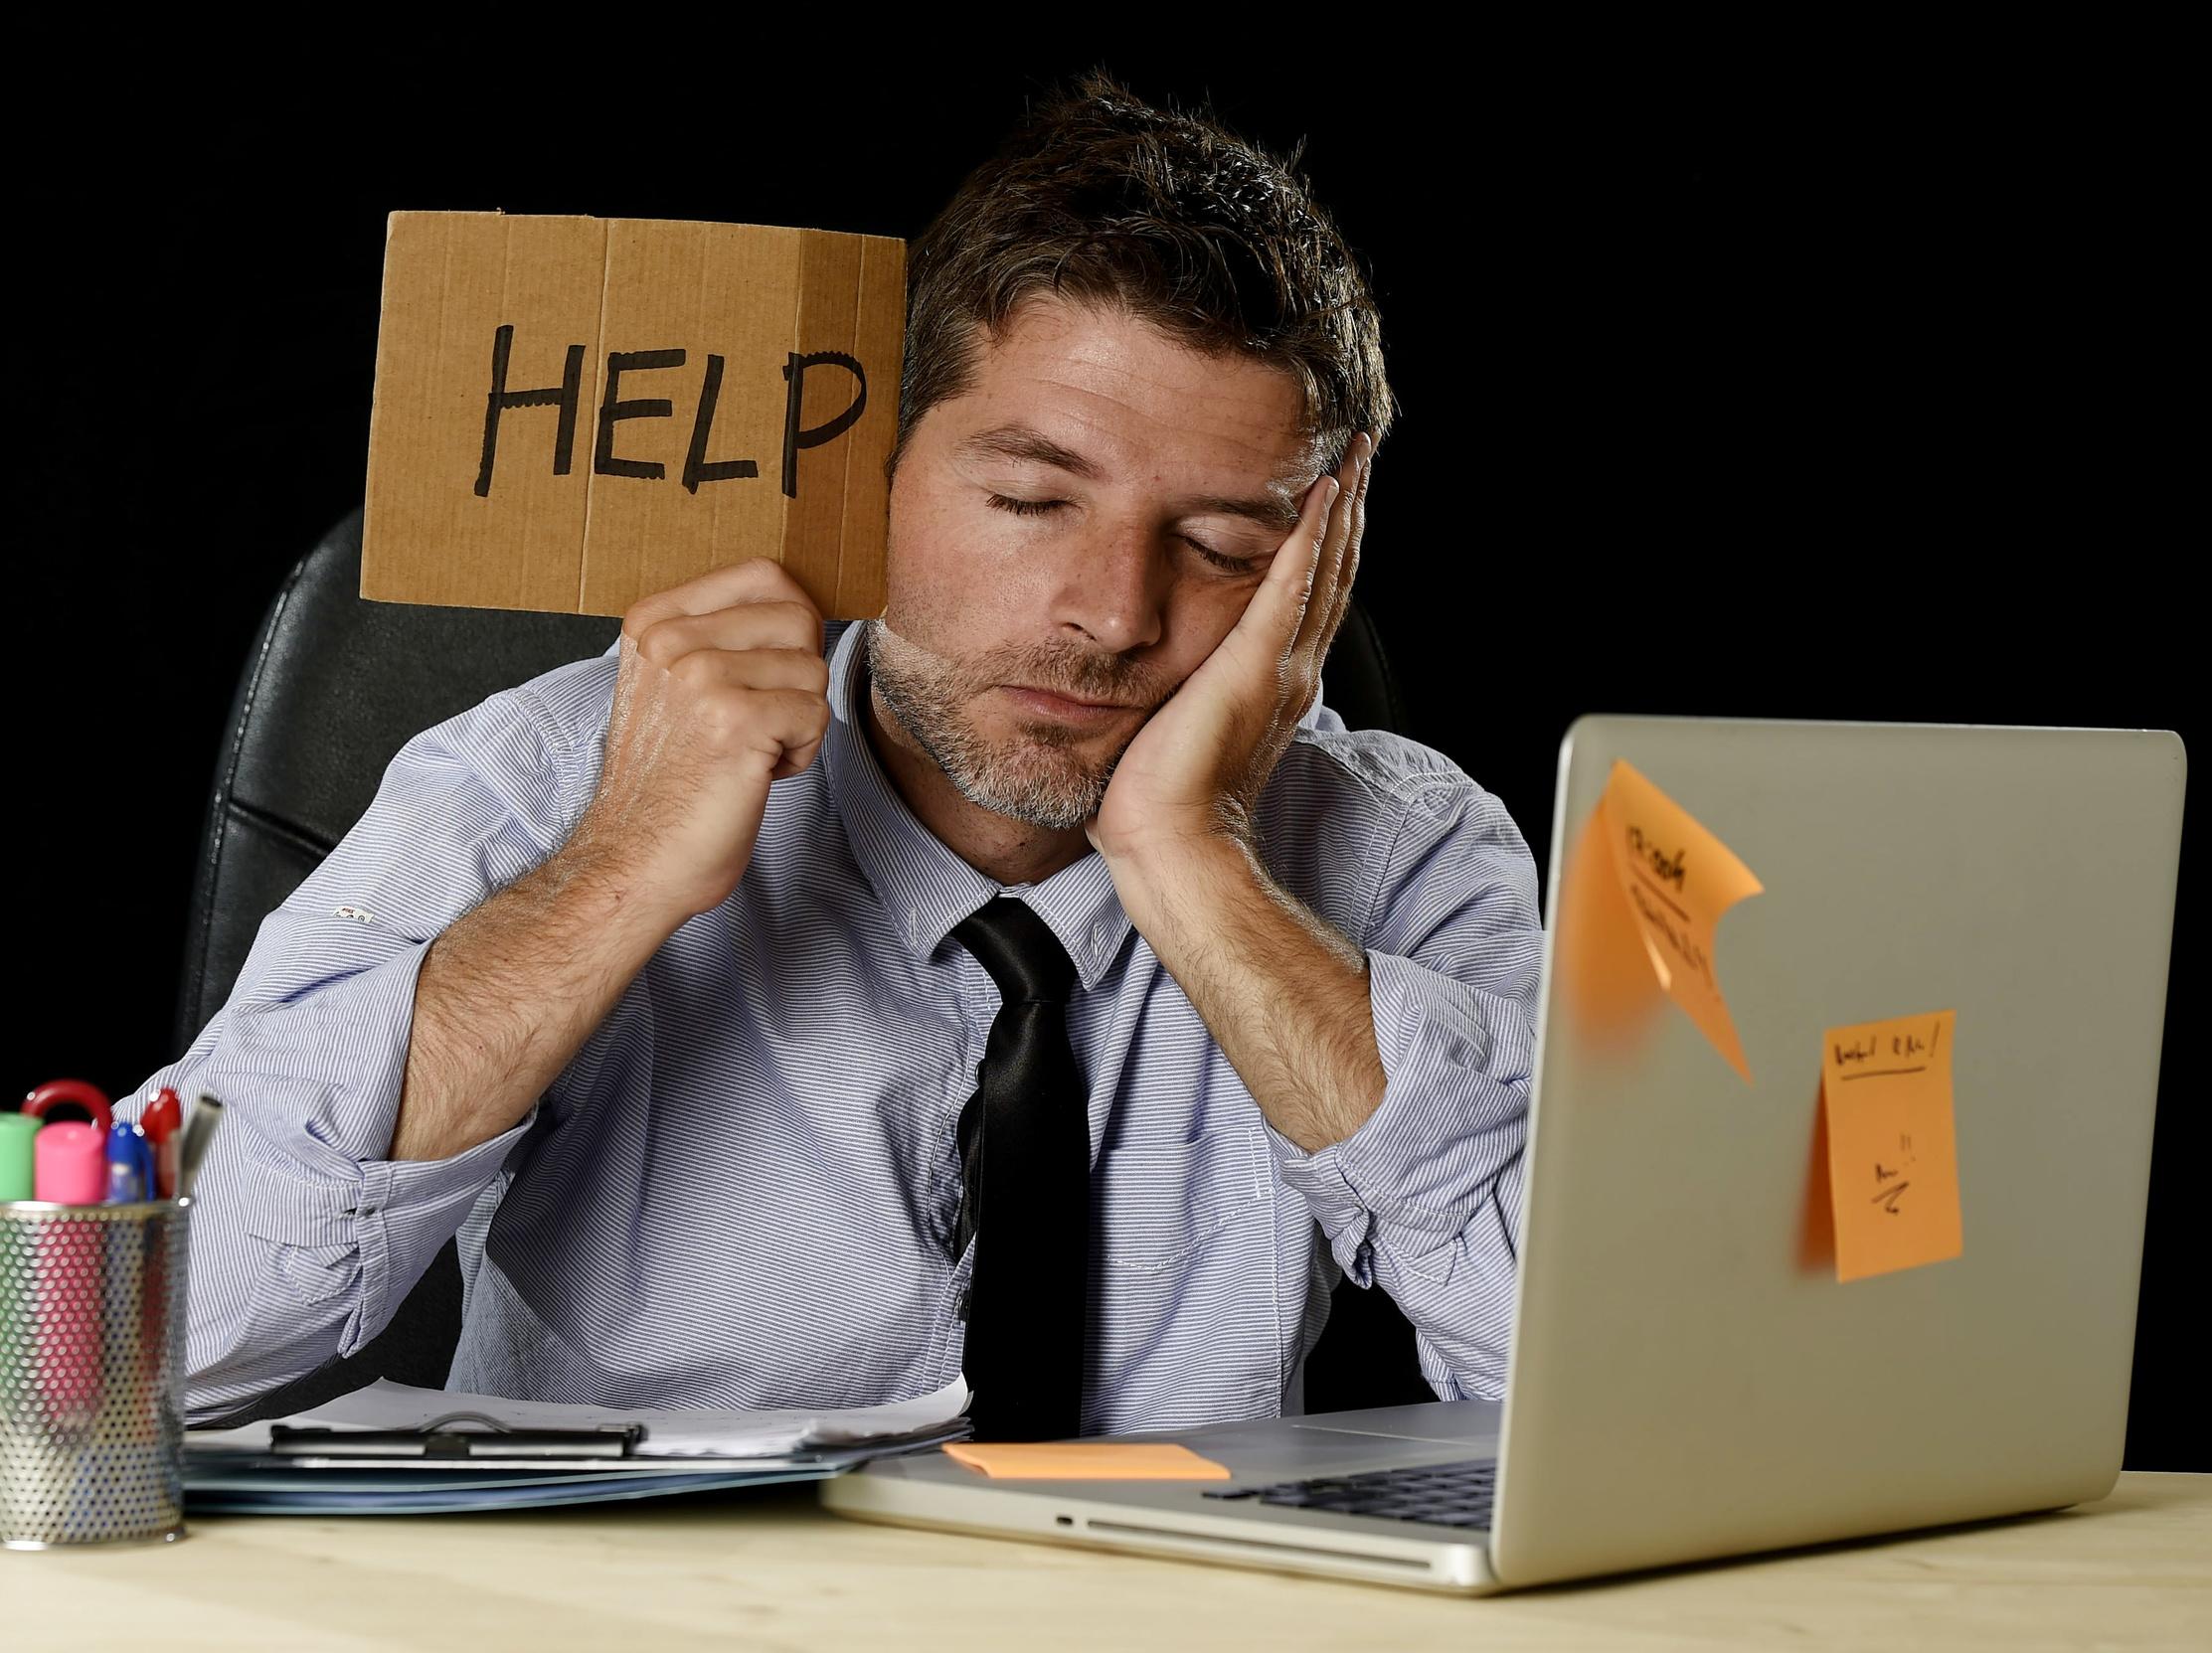 33個低壓力工作 年薪75000美元以上   高新   就業   大紀元